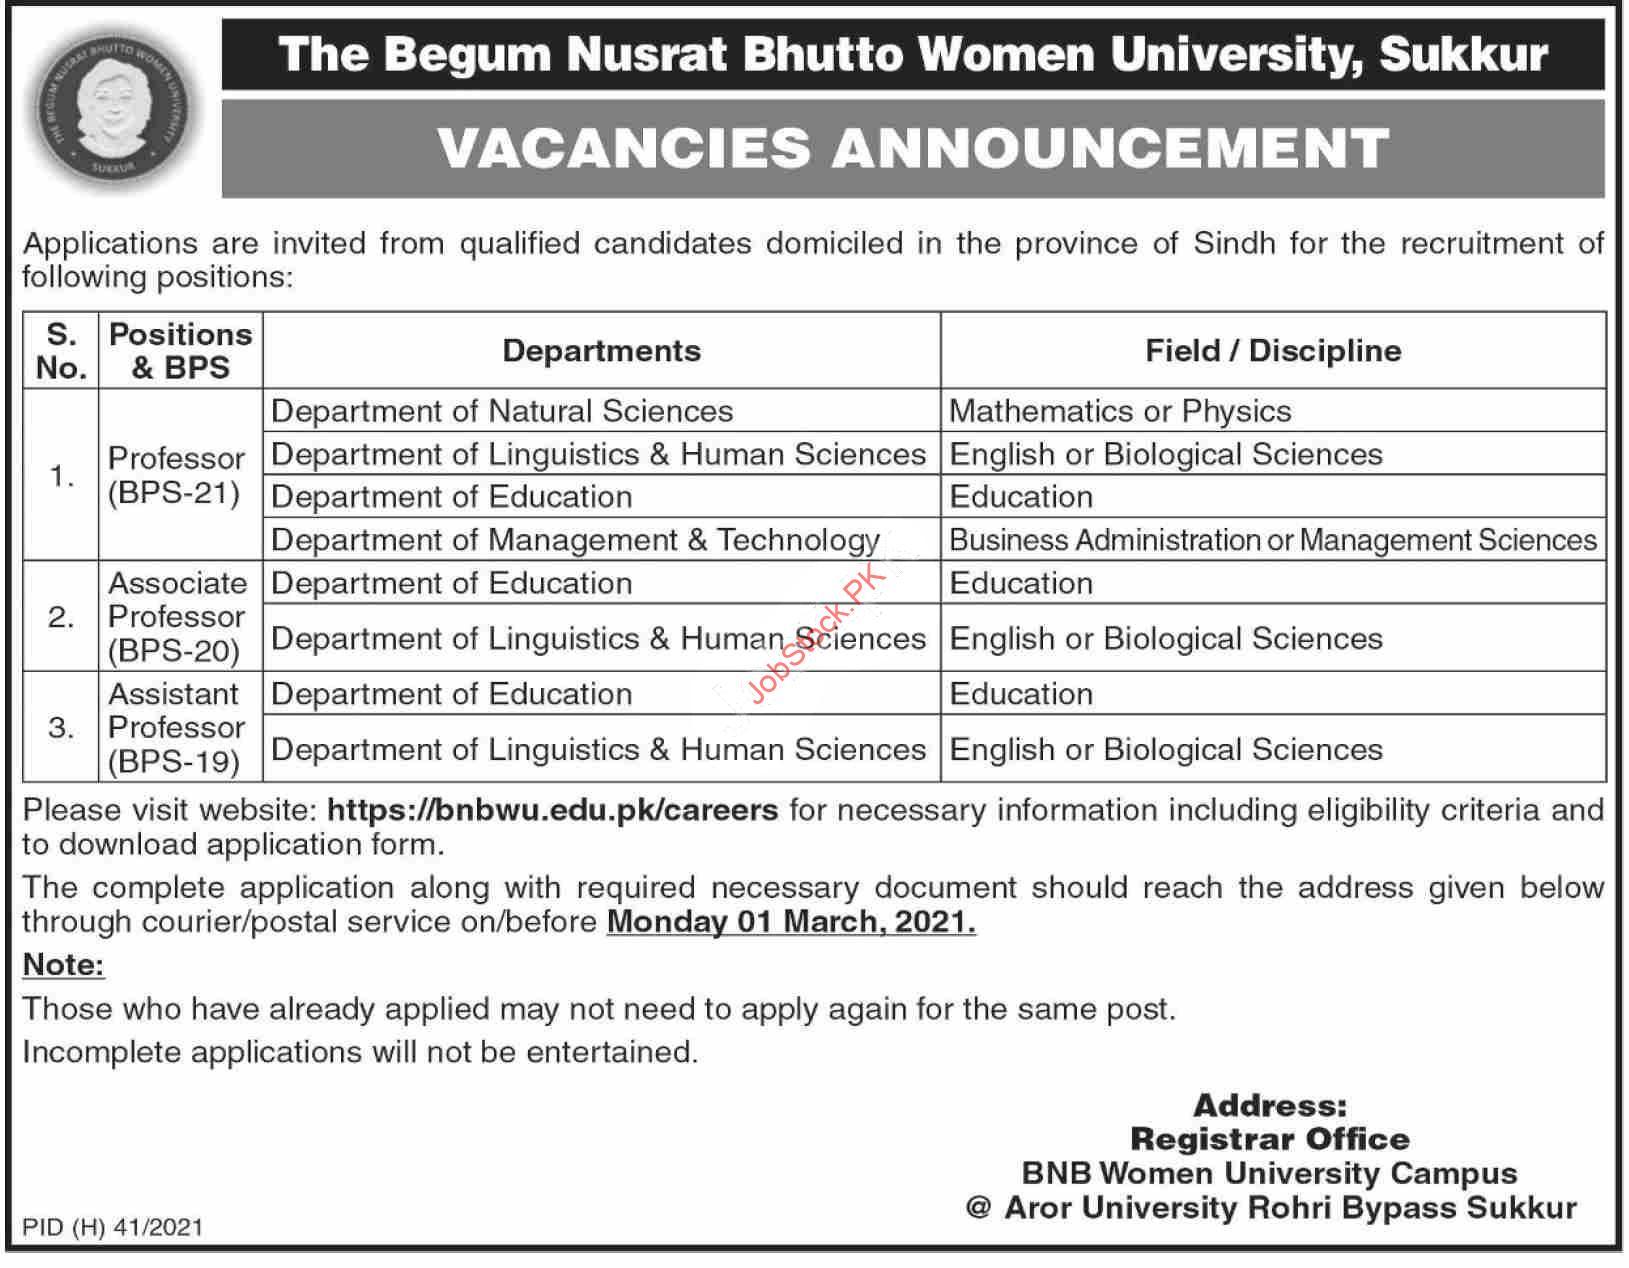 Begum Nusrat Bhutto Women University Sukkur Jobs 2021 Latest